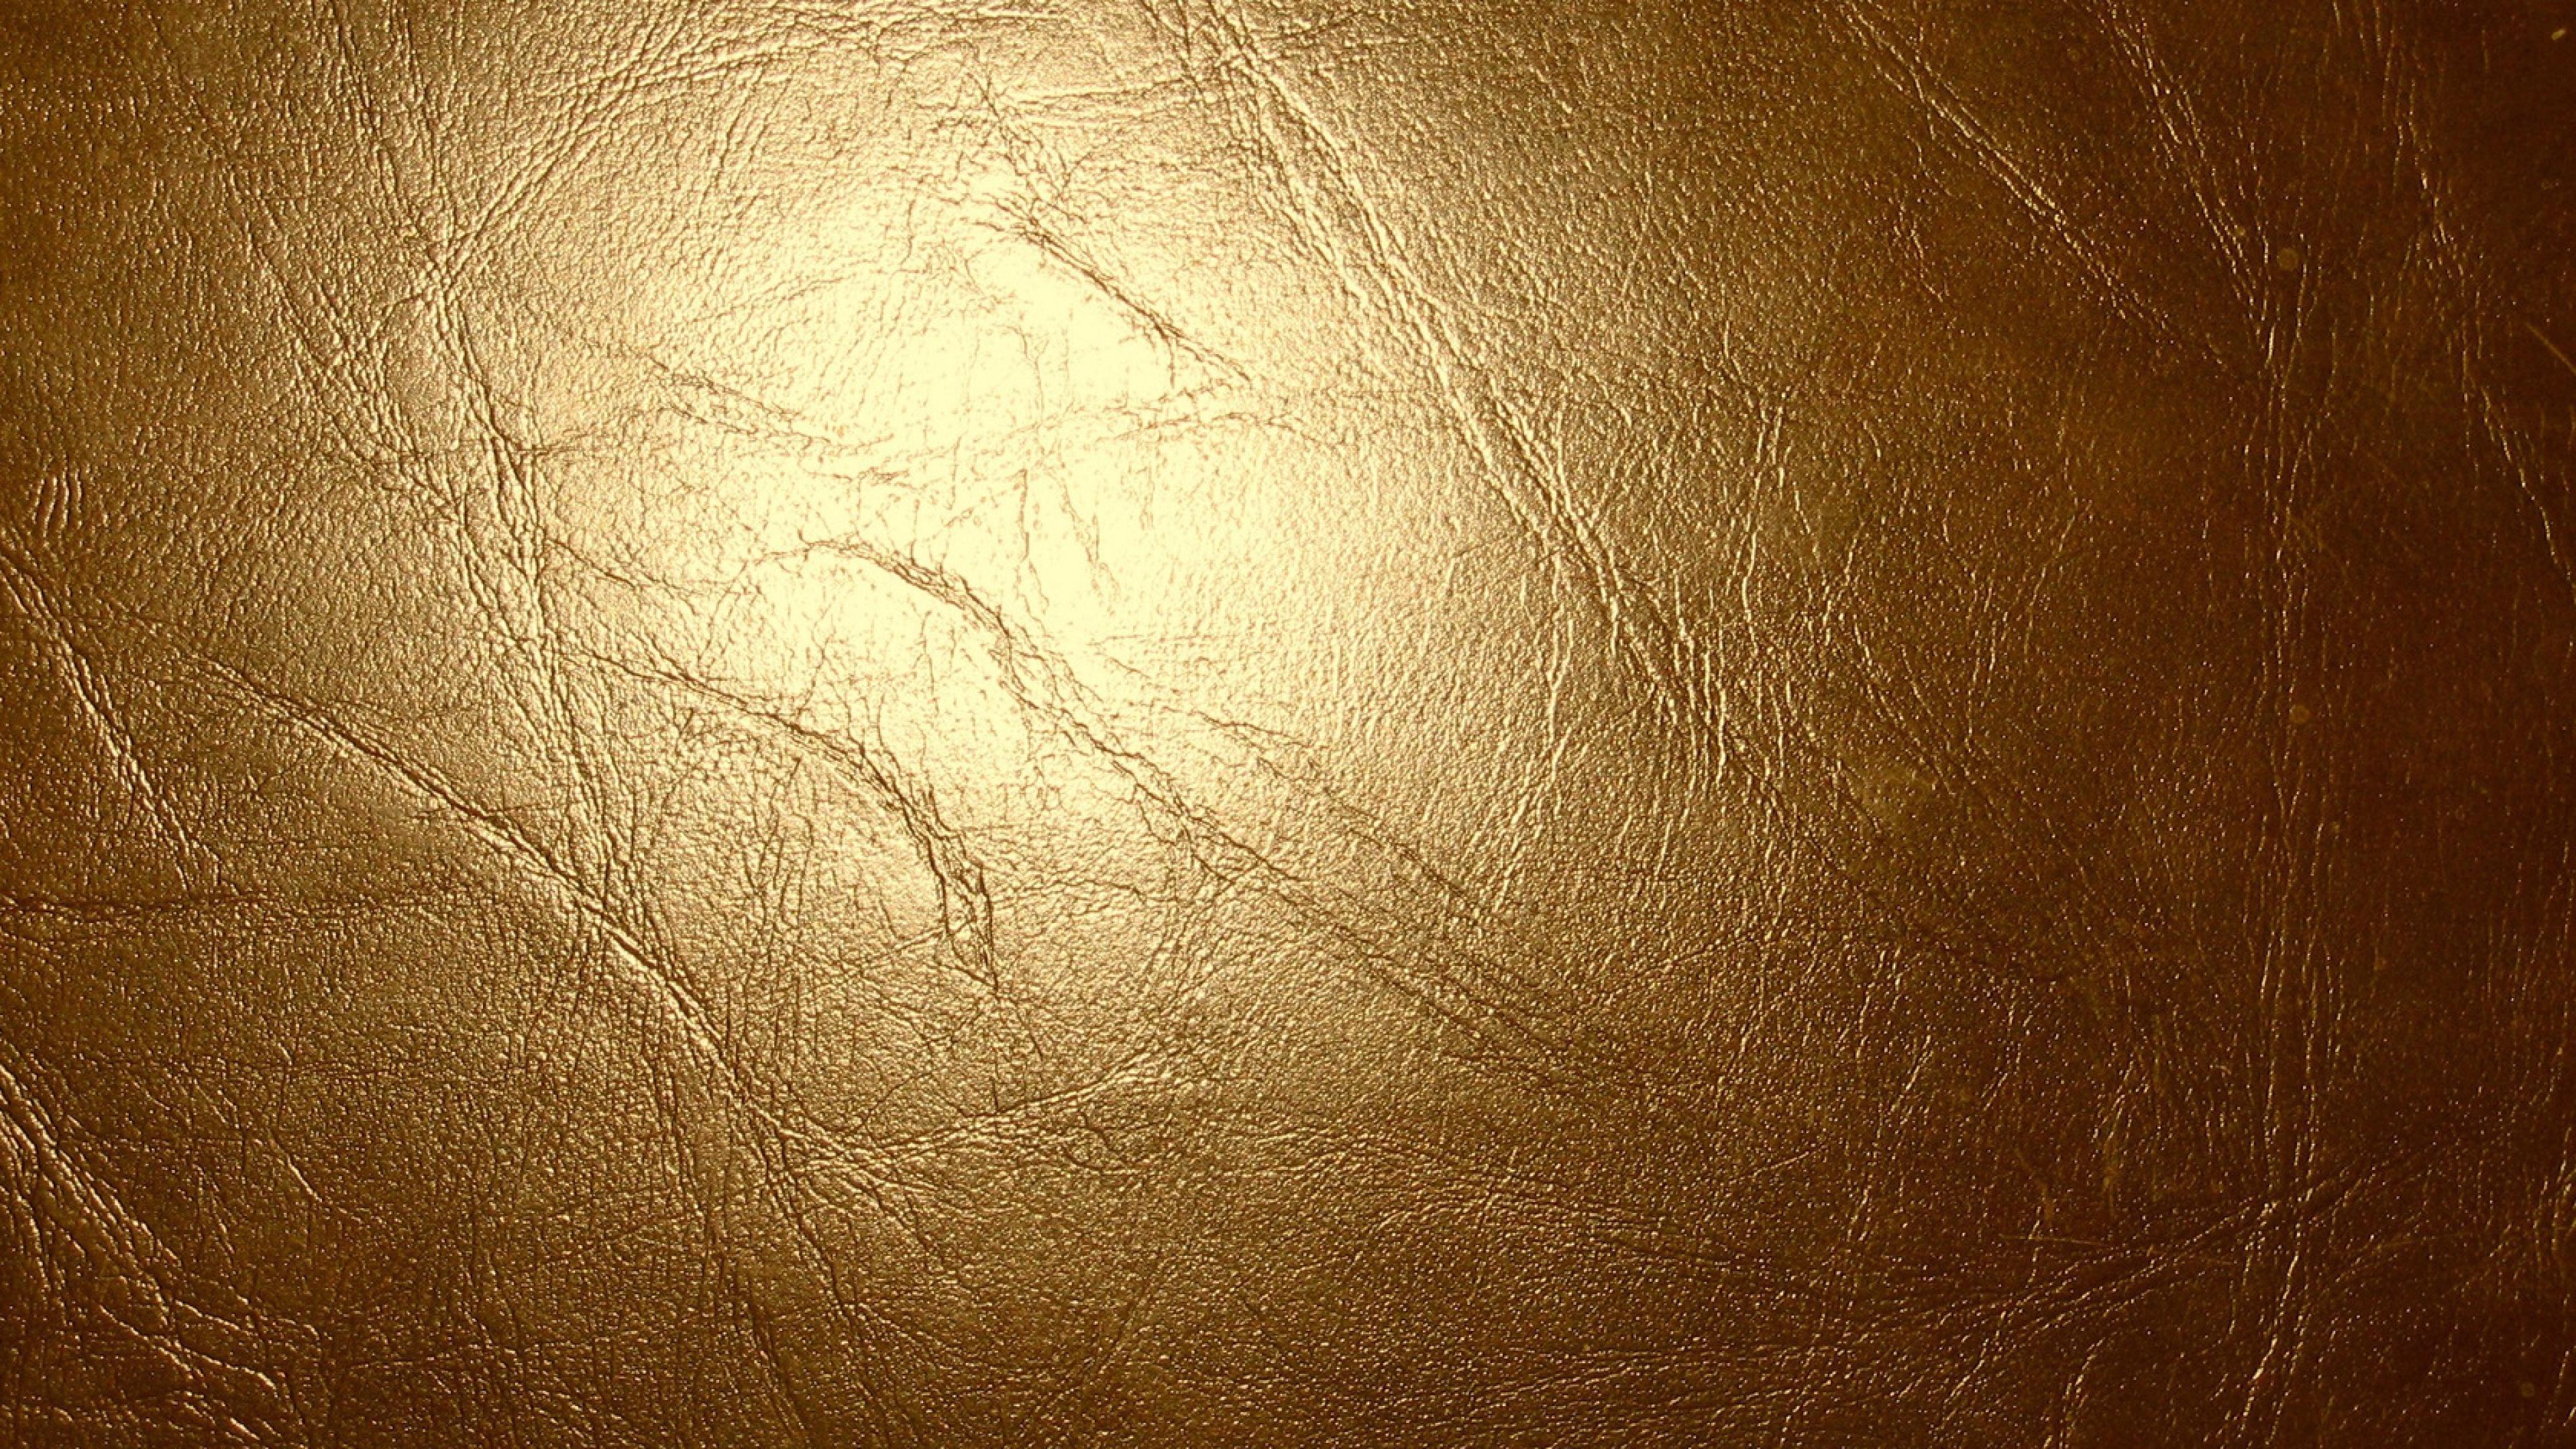 Gold Glitter Cracks Texture Wallpaper Background 4K Ultra HD 3840x2160